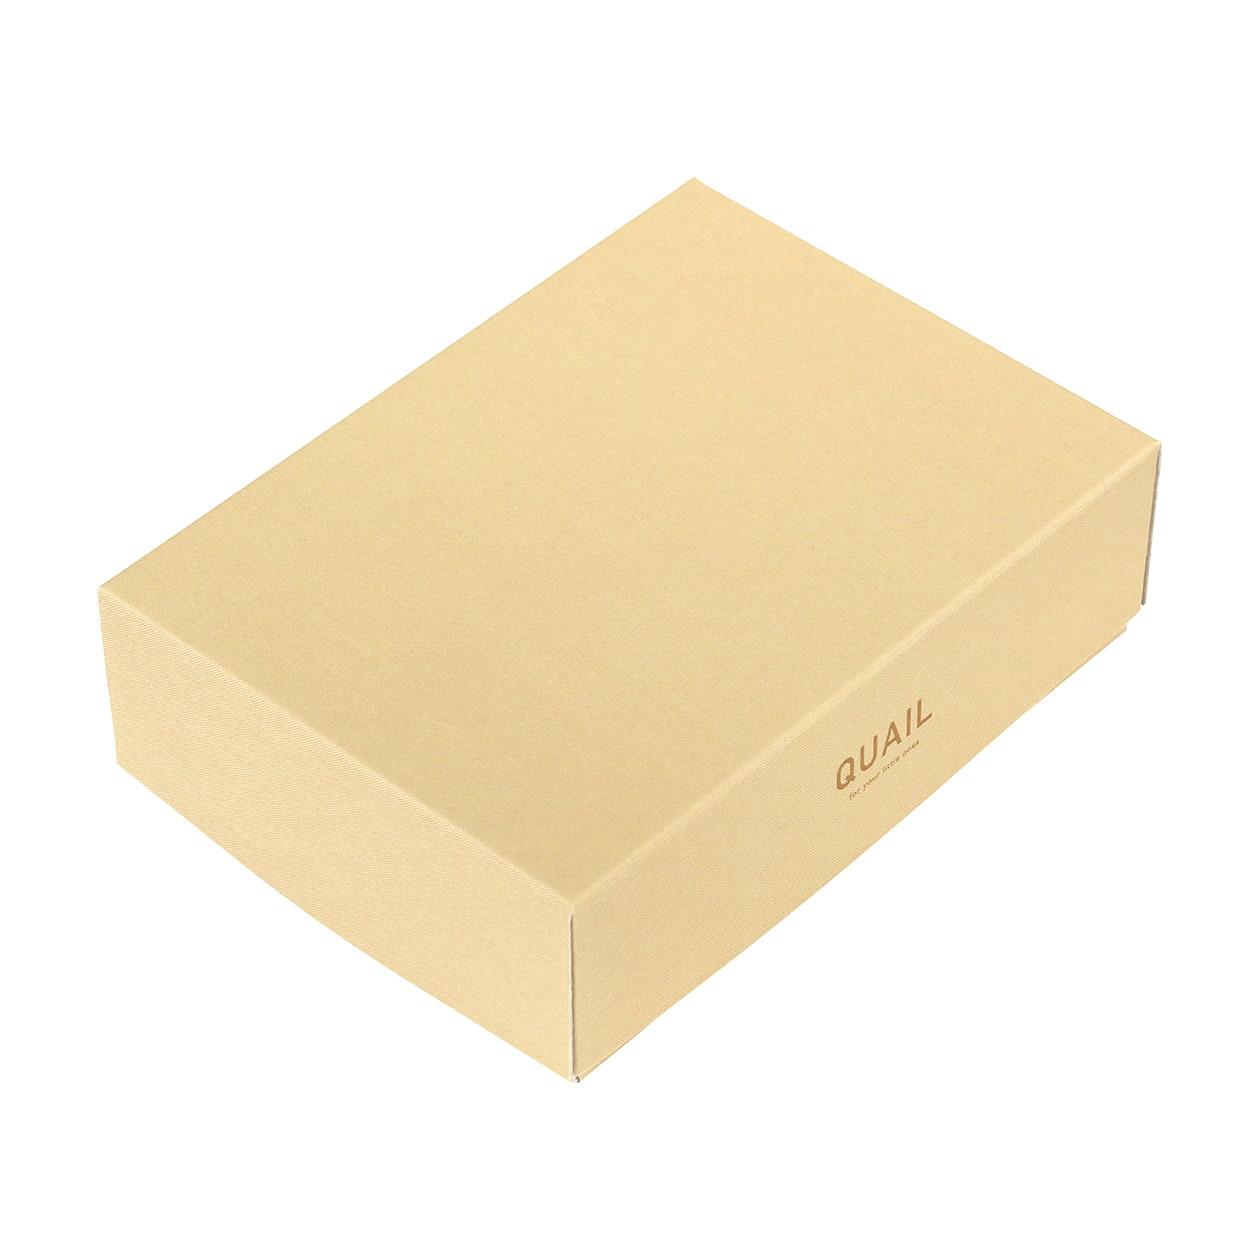 サンプル 箱(糊どめ)00065